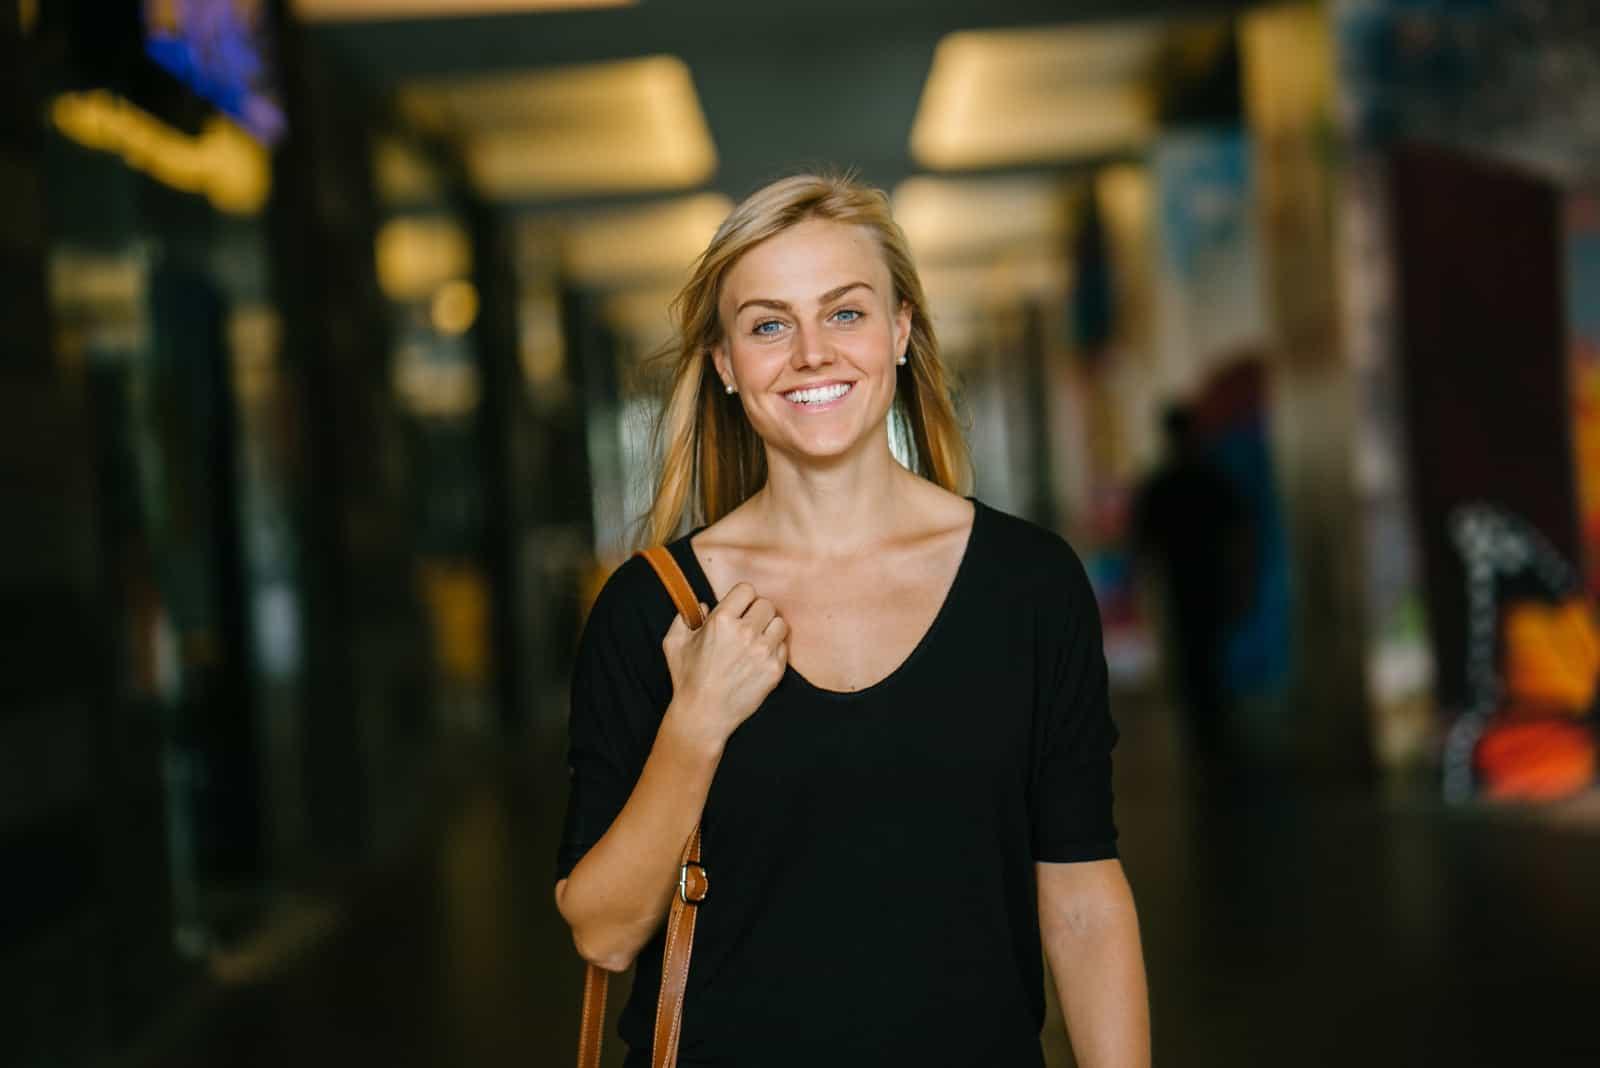 femme blonde avec un haut noir qui sourit